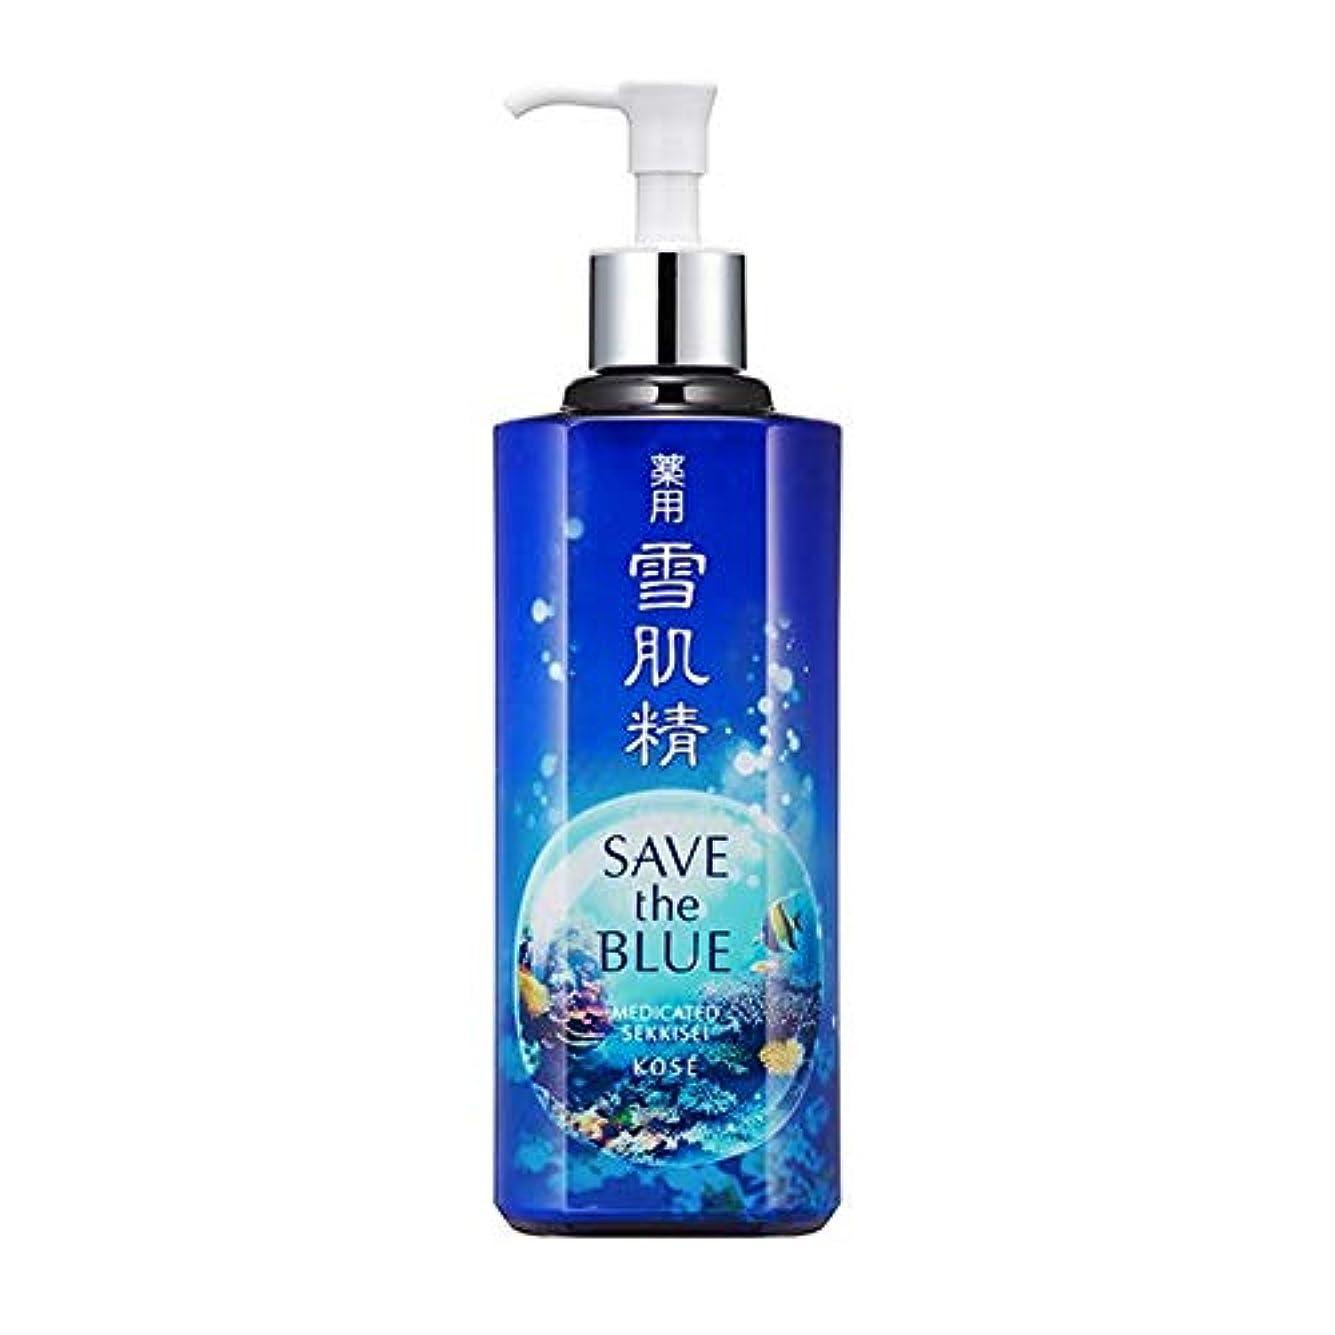 評決リンス合体コーセー 雪肌精 「SAVE the BLUE」デザインボトル(みずみずしいタイプ) 500ml【2019限定】